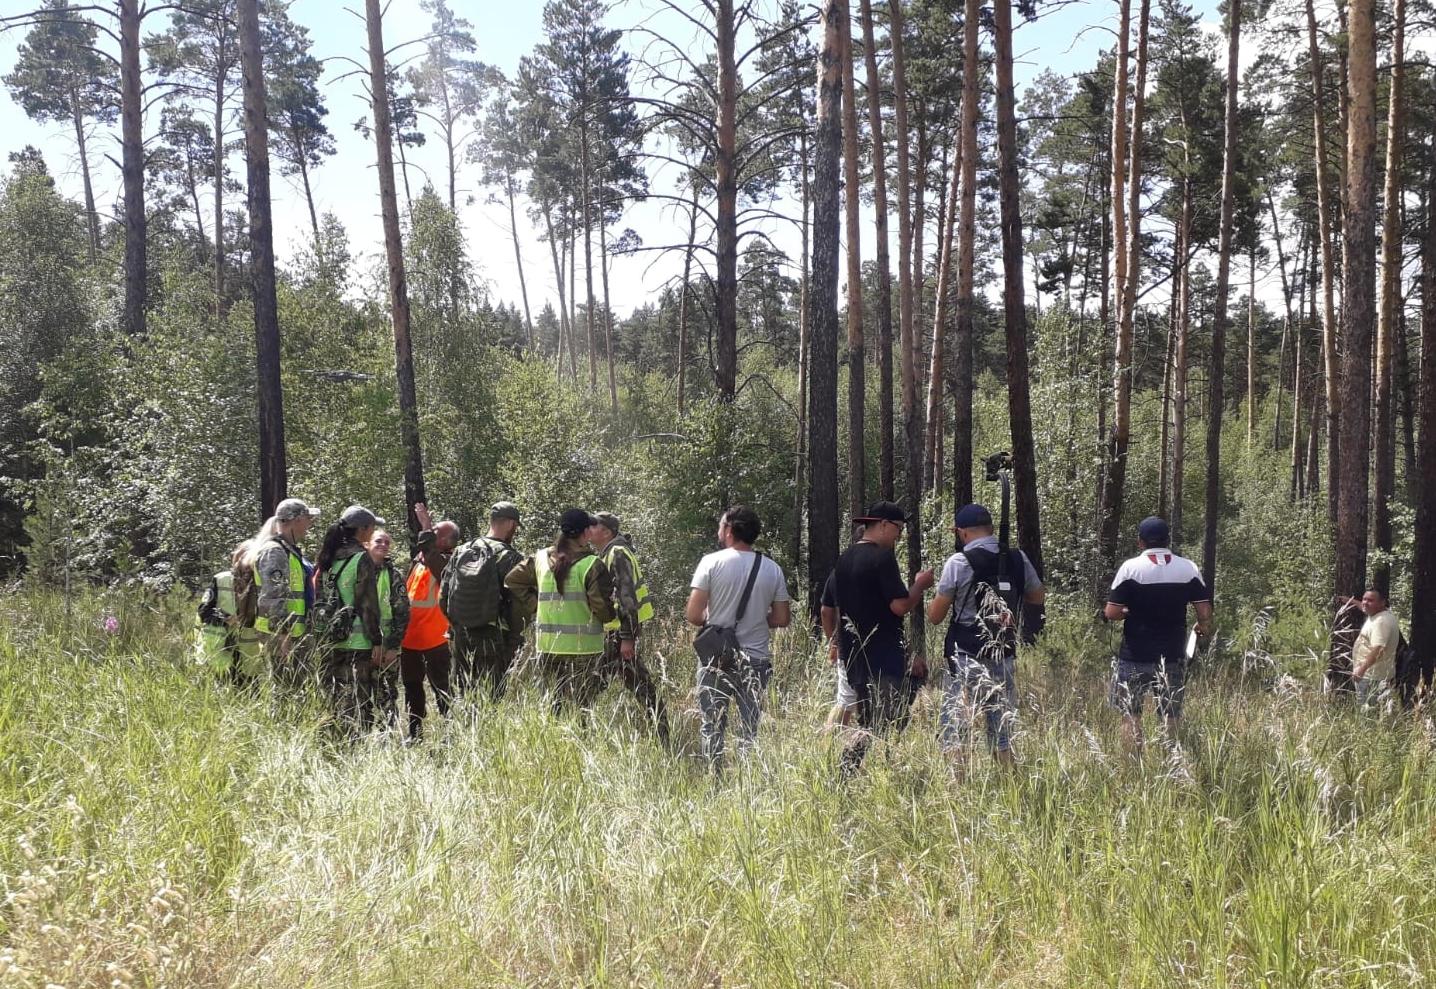 «Если в лесу взять неверное направление, можно уйти насовсем» #Омск #Общество #Сегодня